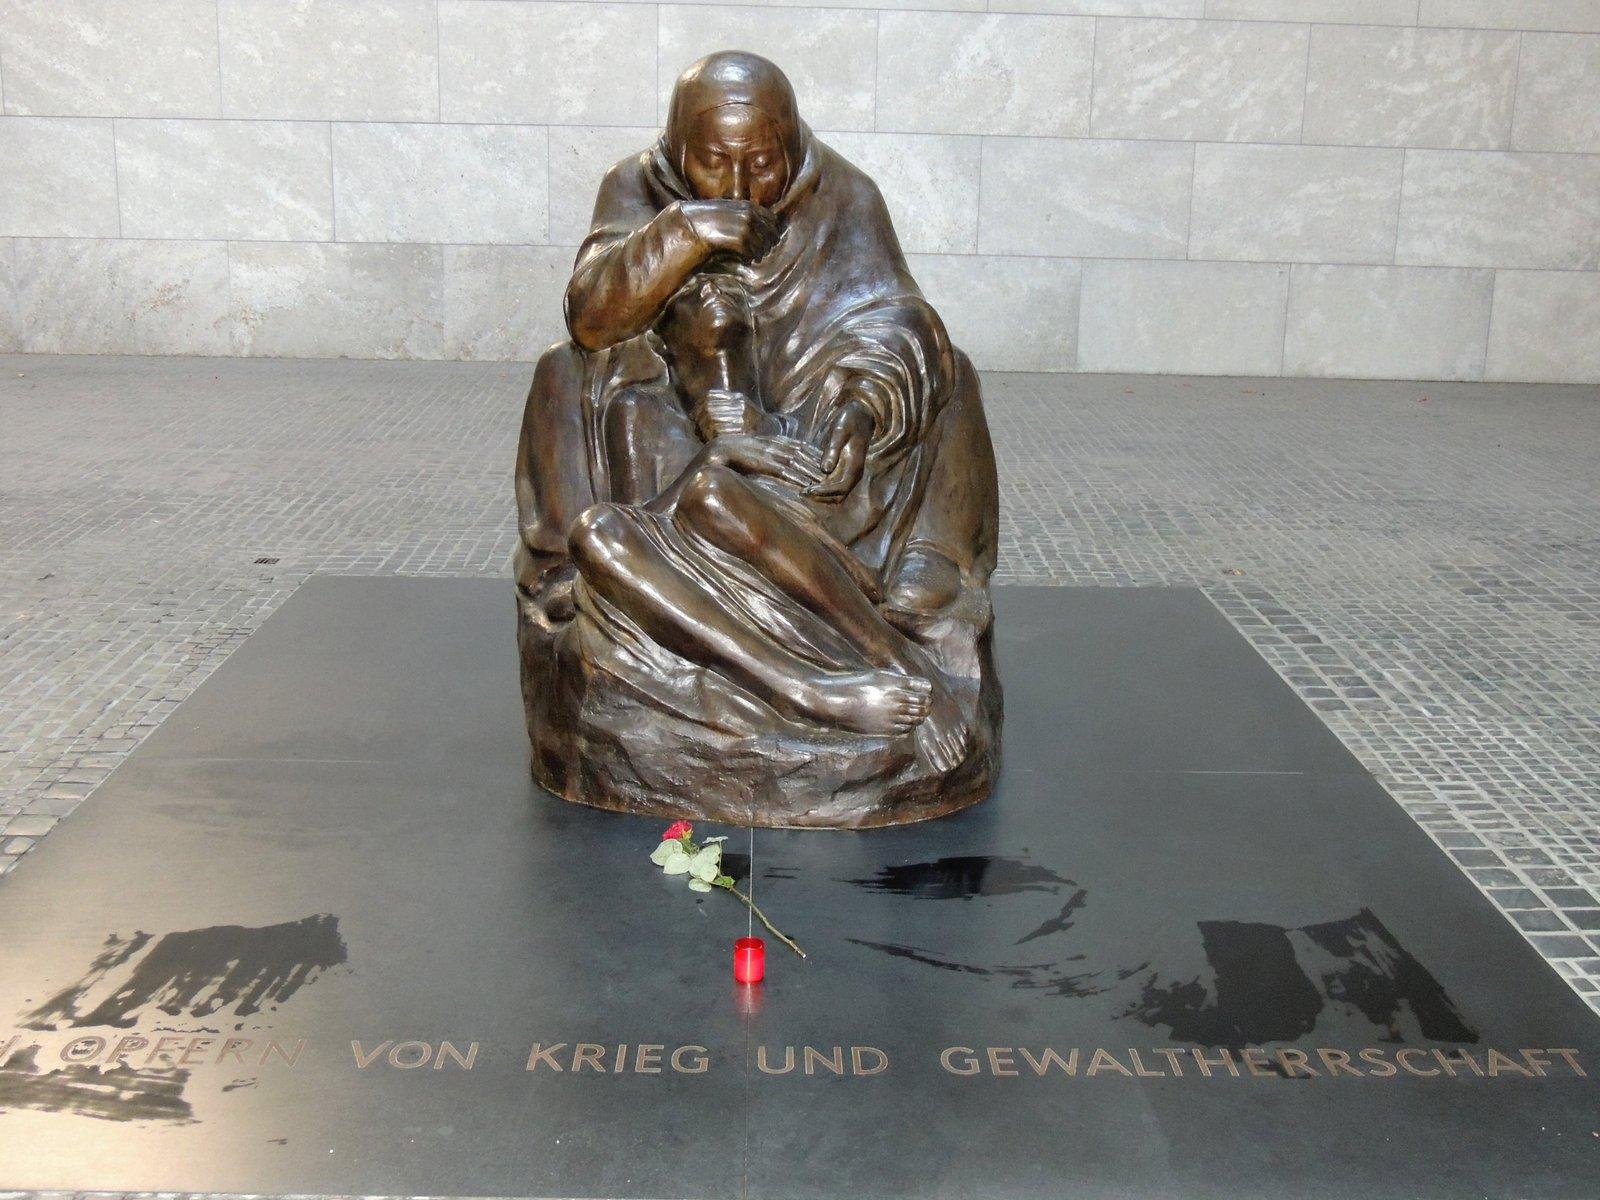 Pietà von Käthe Kollwitz in der Neuen Wache